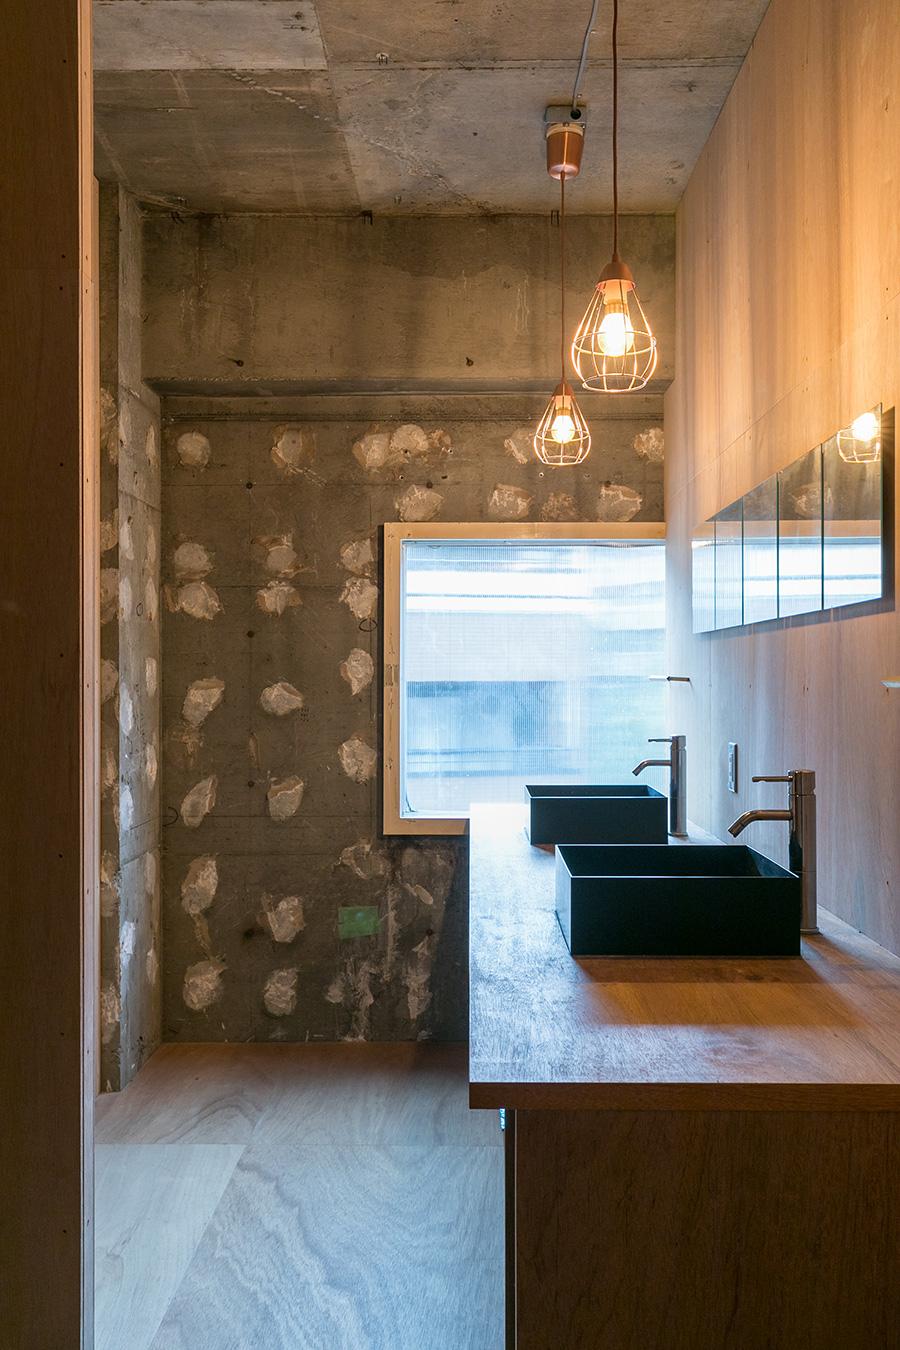 黒のスクエアなボウルがスタイリッシュな洗面スペース。鏡はIKEAで。他に、トイレが2つ、シャワー室が2つ、洗濯機が2台ある。